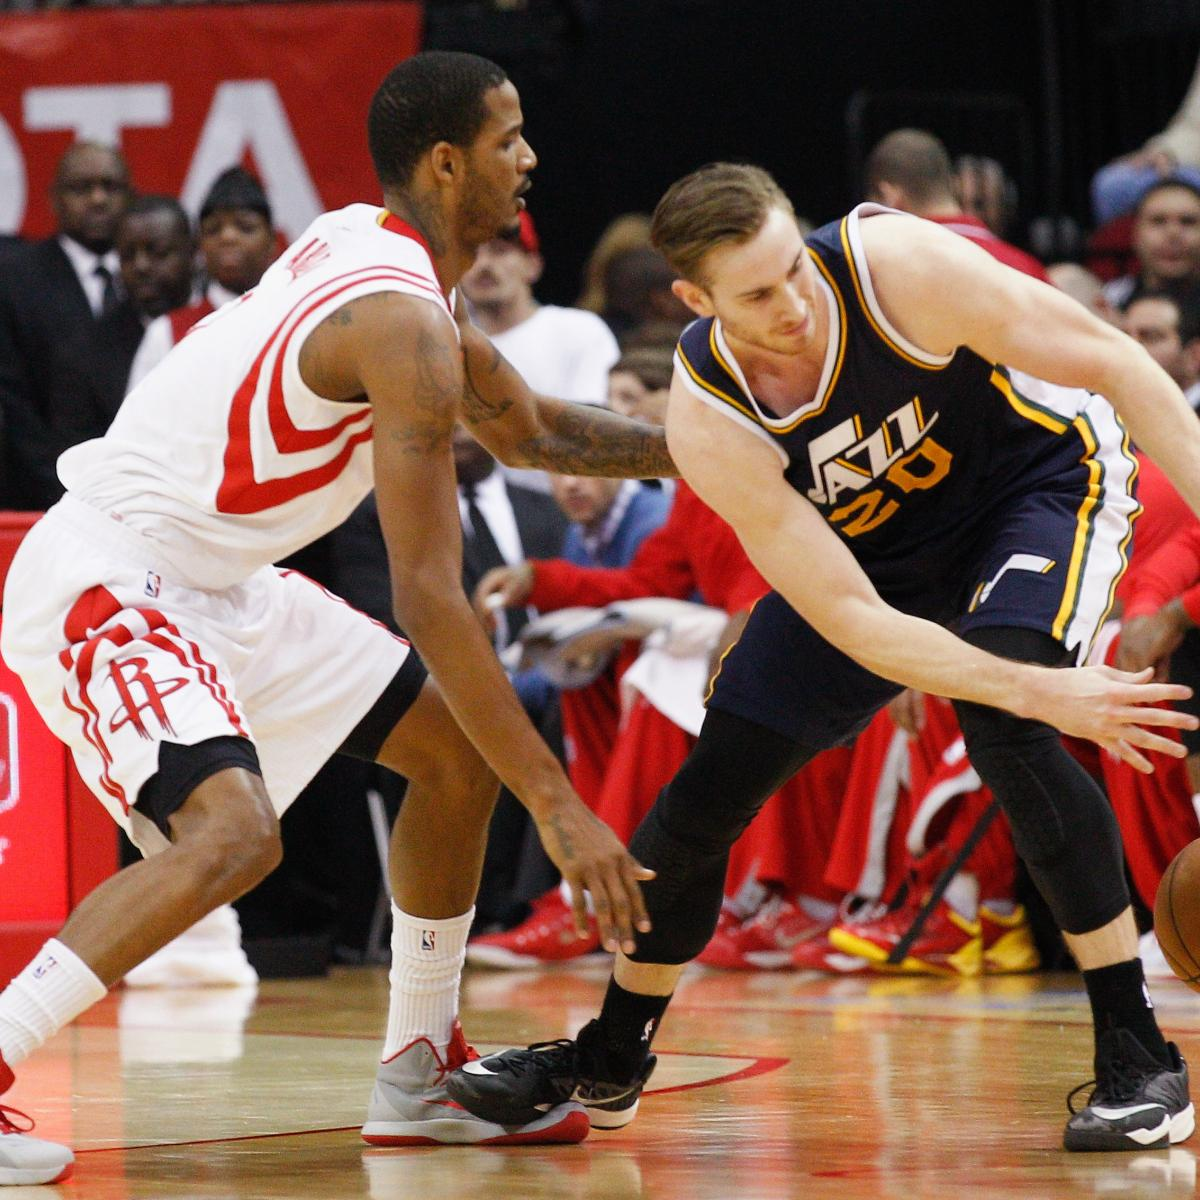 Houston Rockets Vs Utah Jazz: Utah Jazz Vs. Houston Rockets 1/10/15: Video Highlights